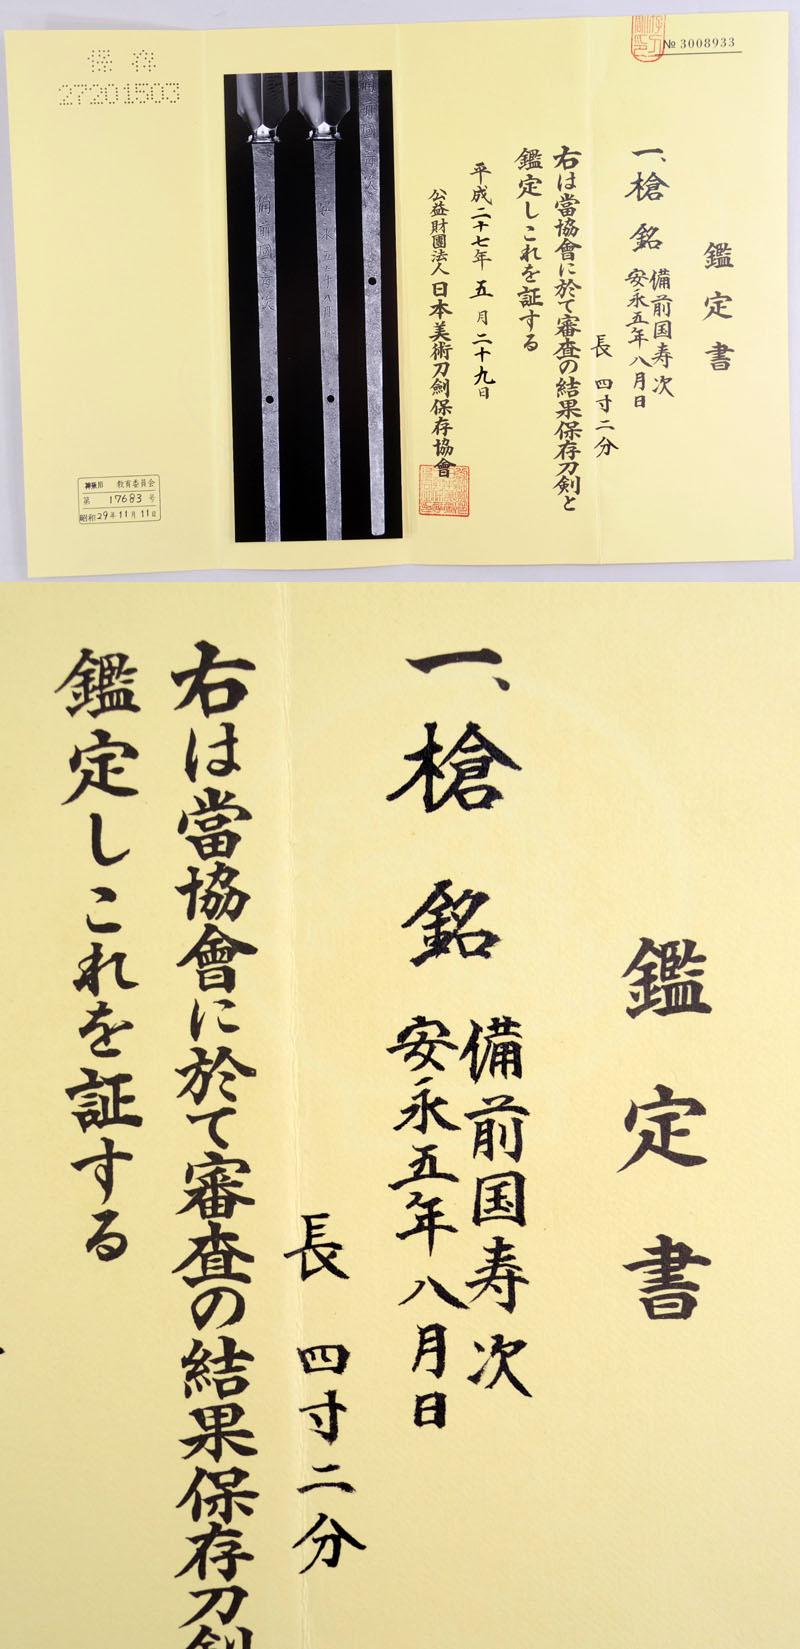 備前国寿次 (横山源八郎寿次)鑑定書画像